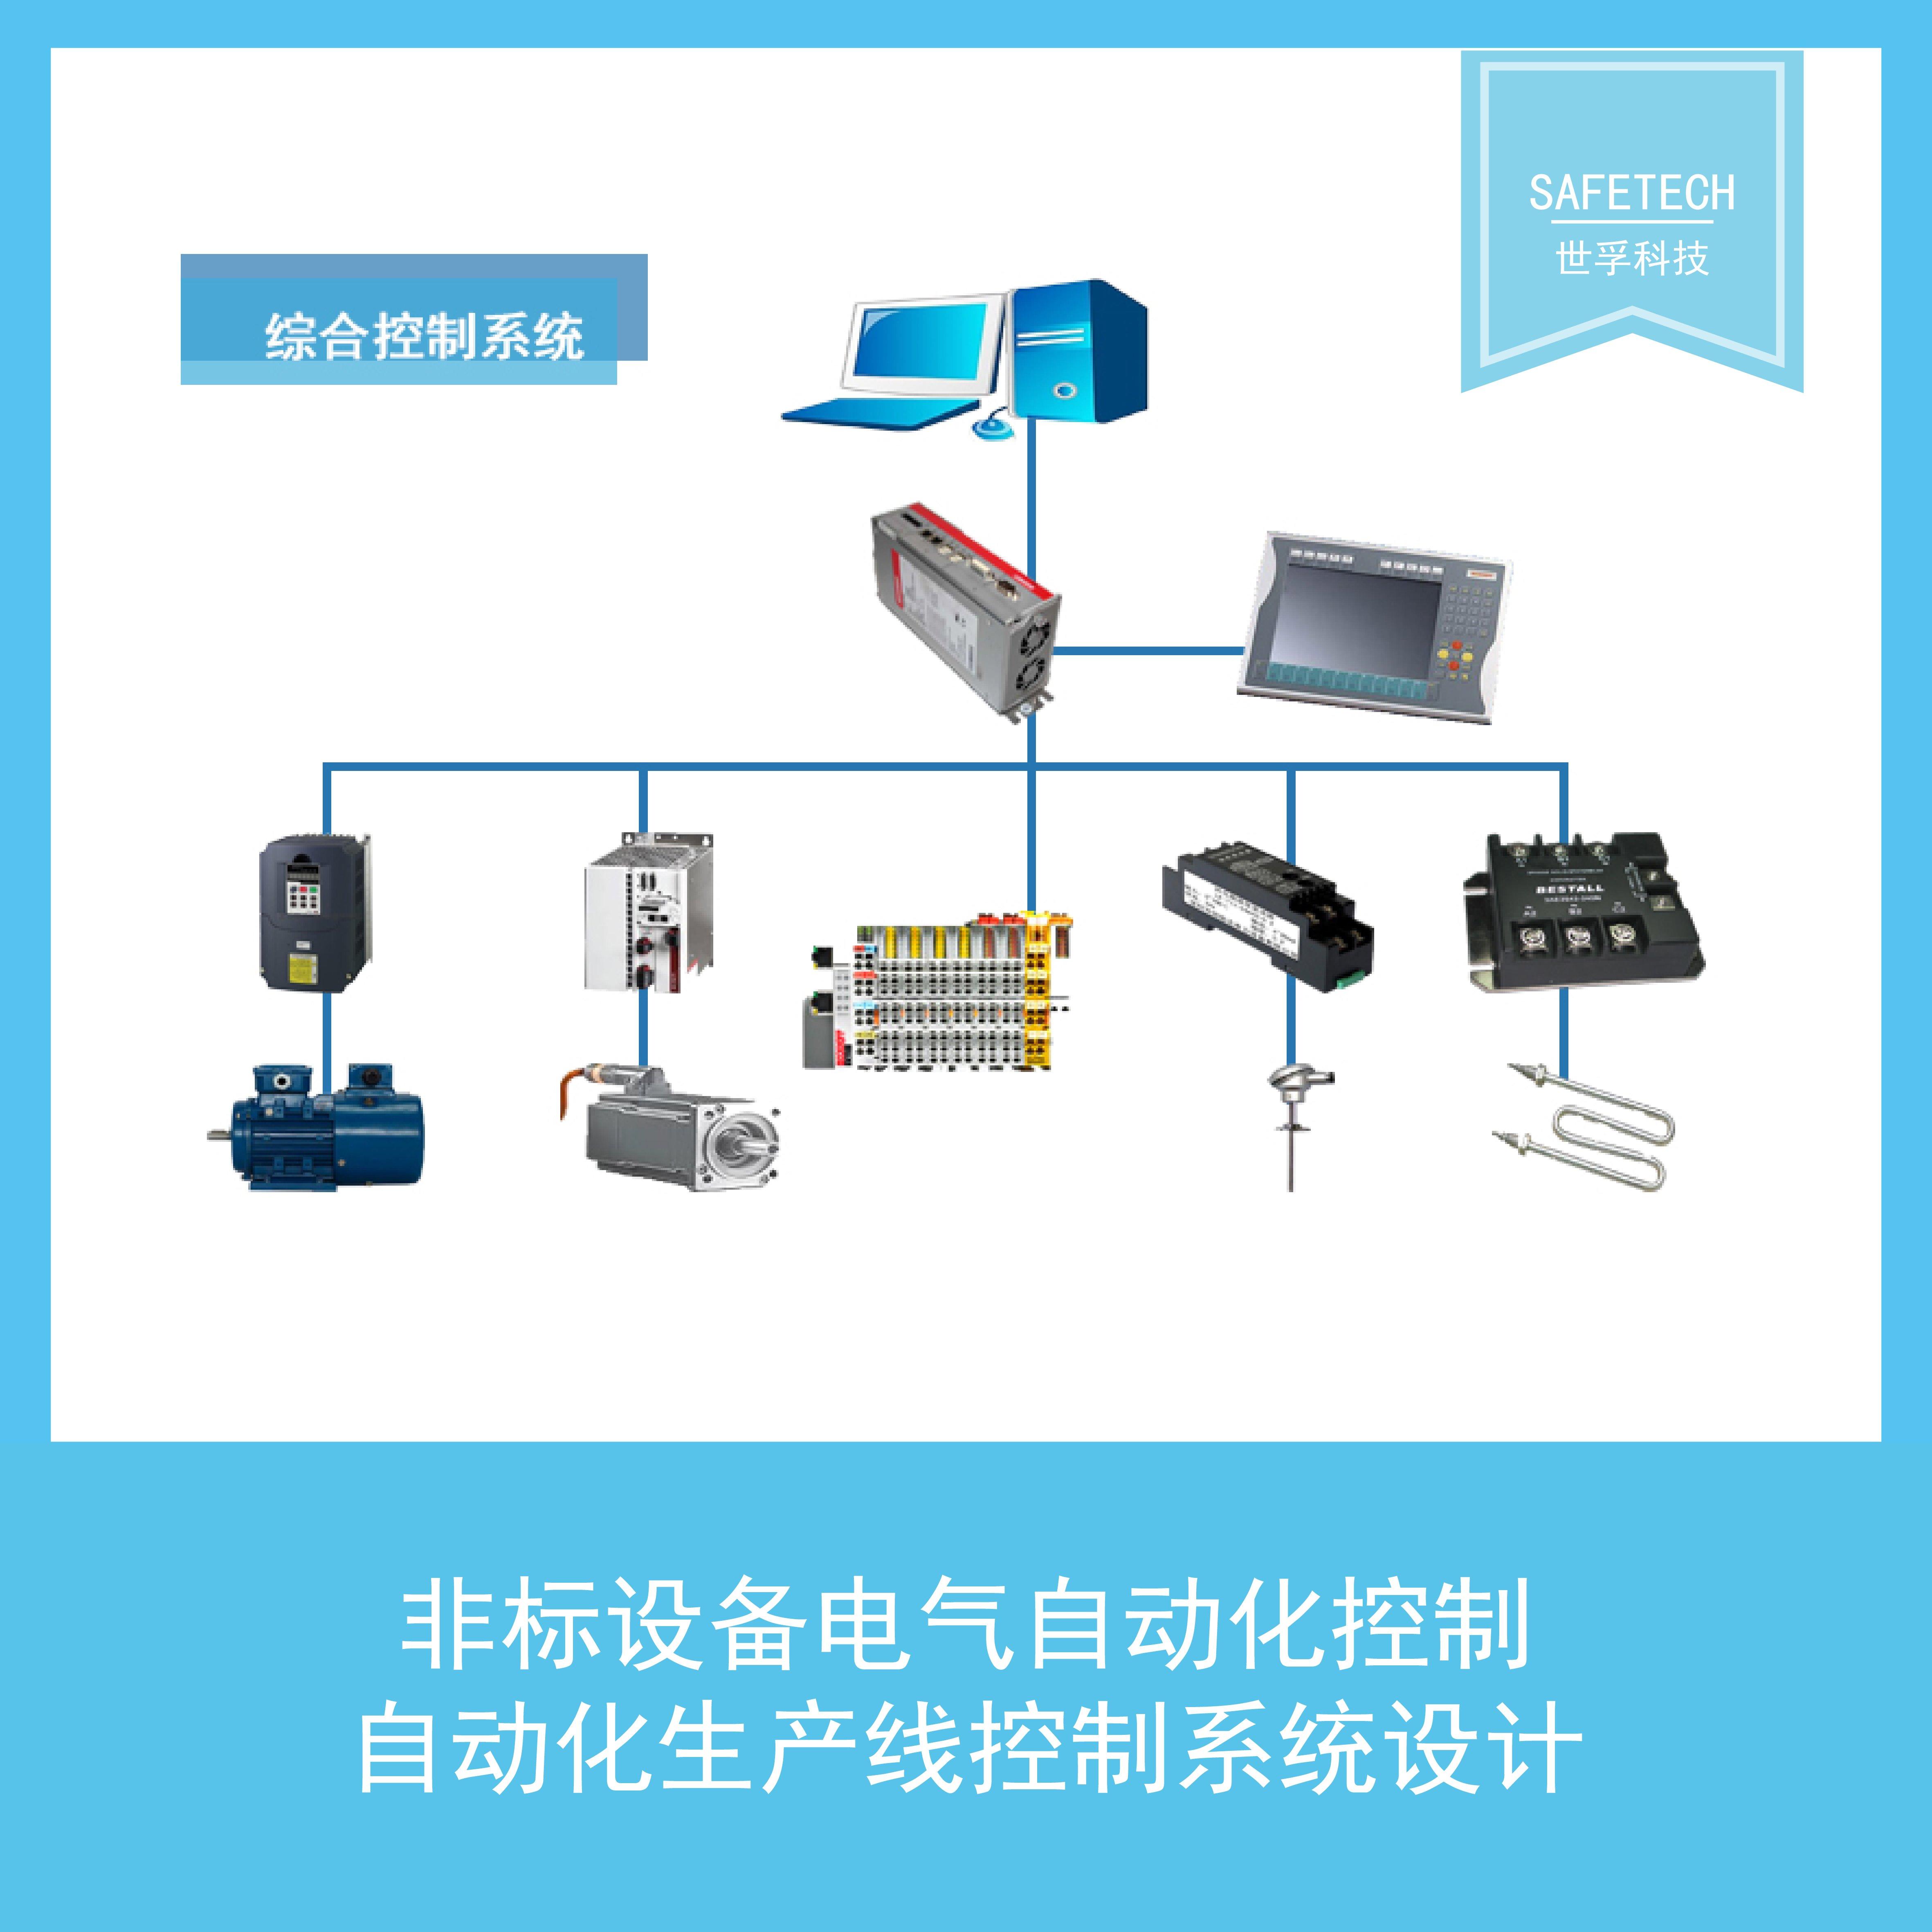 非标自动化设备开发/自动化生产线/电气自动化控制系统设计